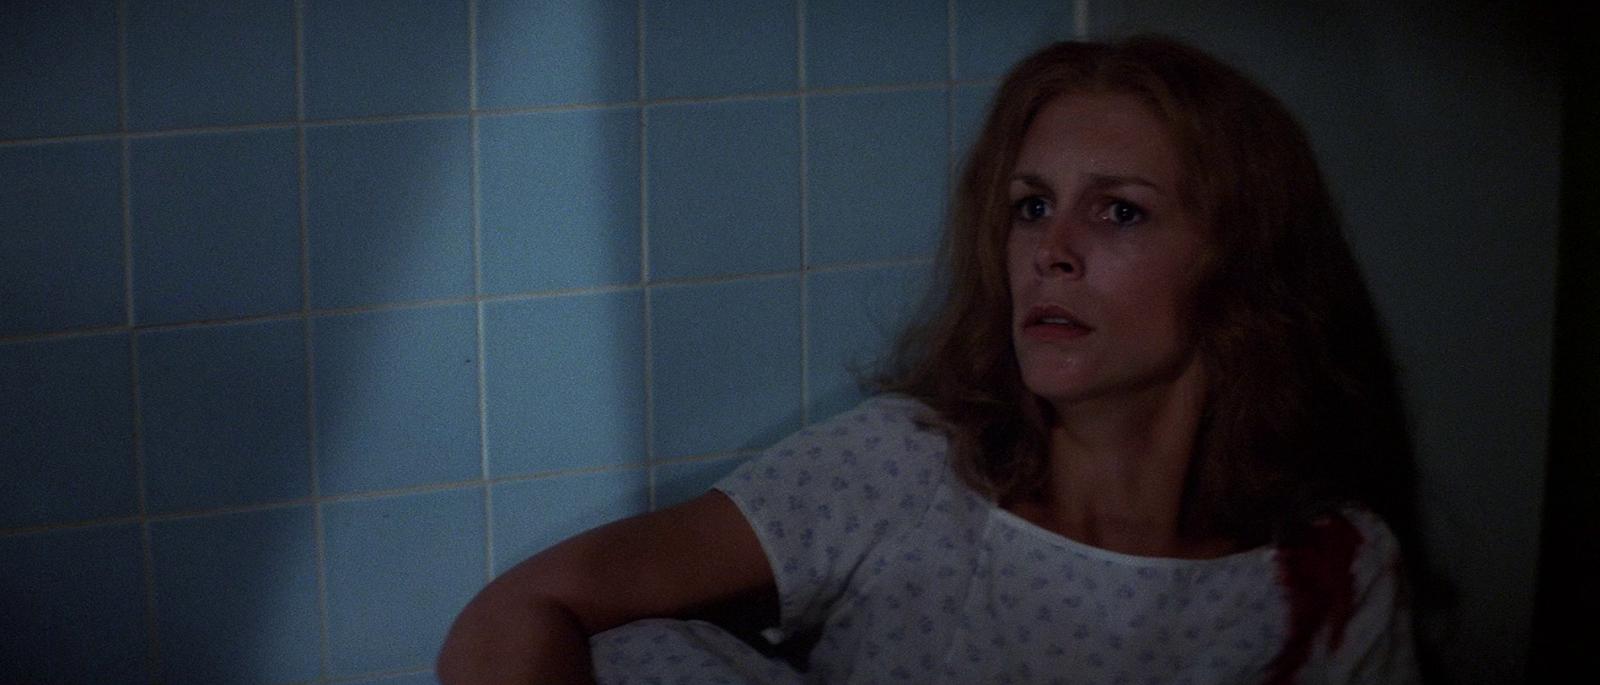 Jamie Lee Curtis returns as Laurie Strode in Halloween II